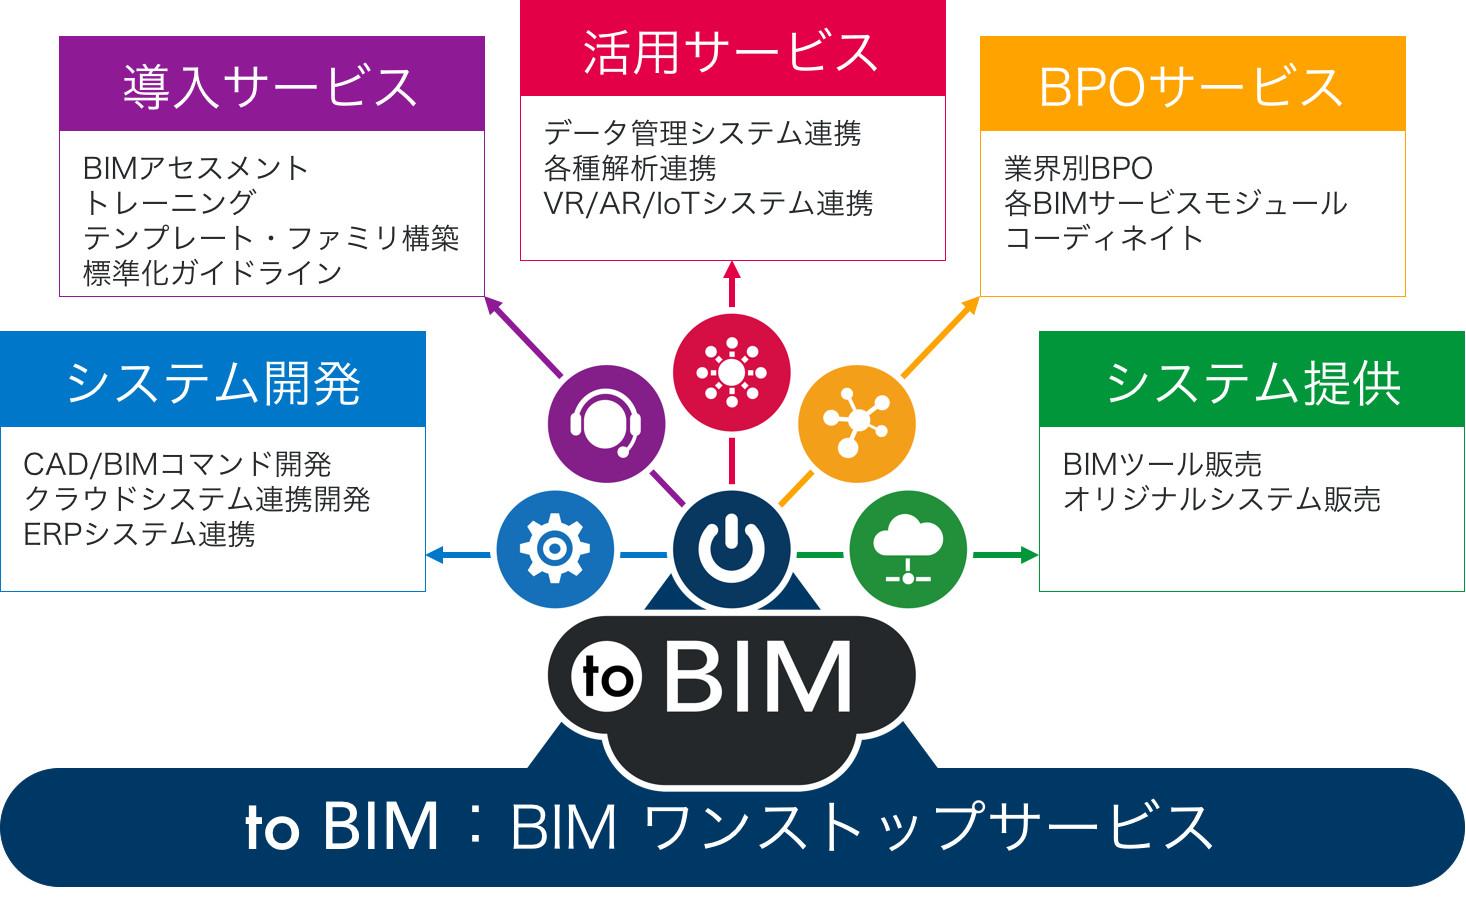 トランスコスモスと応用技術がBIMトータルサービス『to BIM』の提供開始